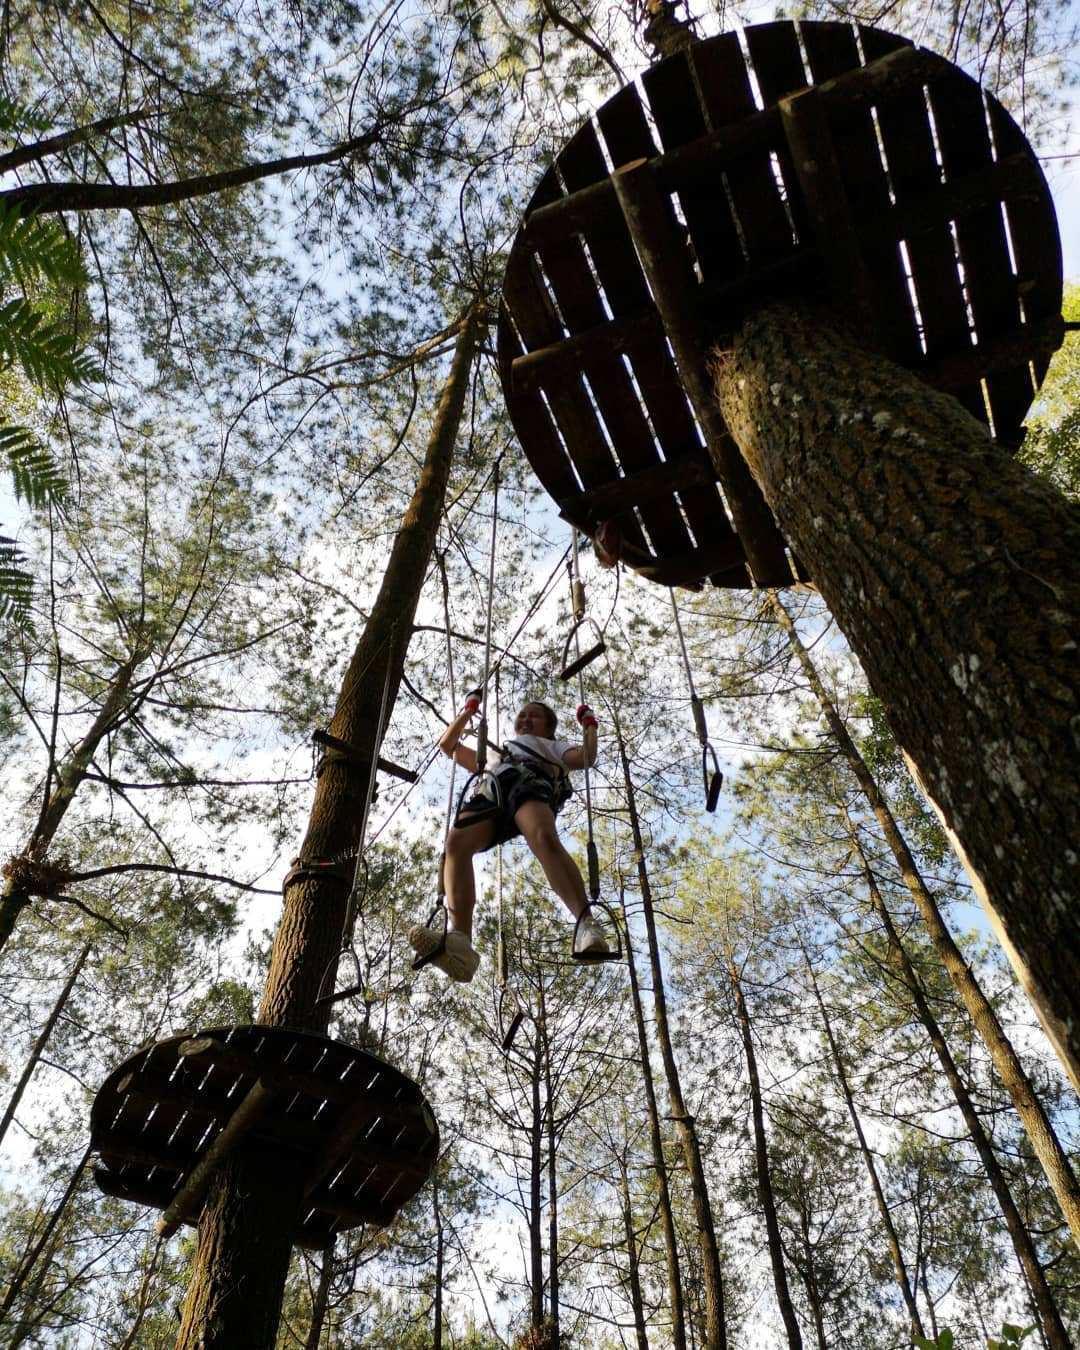 Bermain Outbond di Kopeng Treetop Semarang, Image From @feritanata